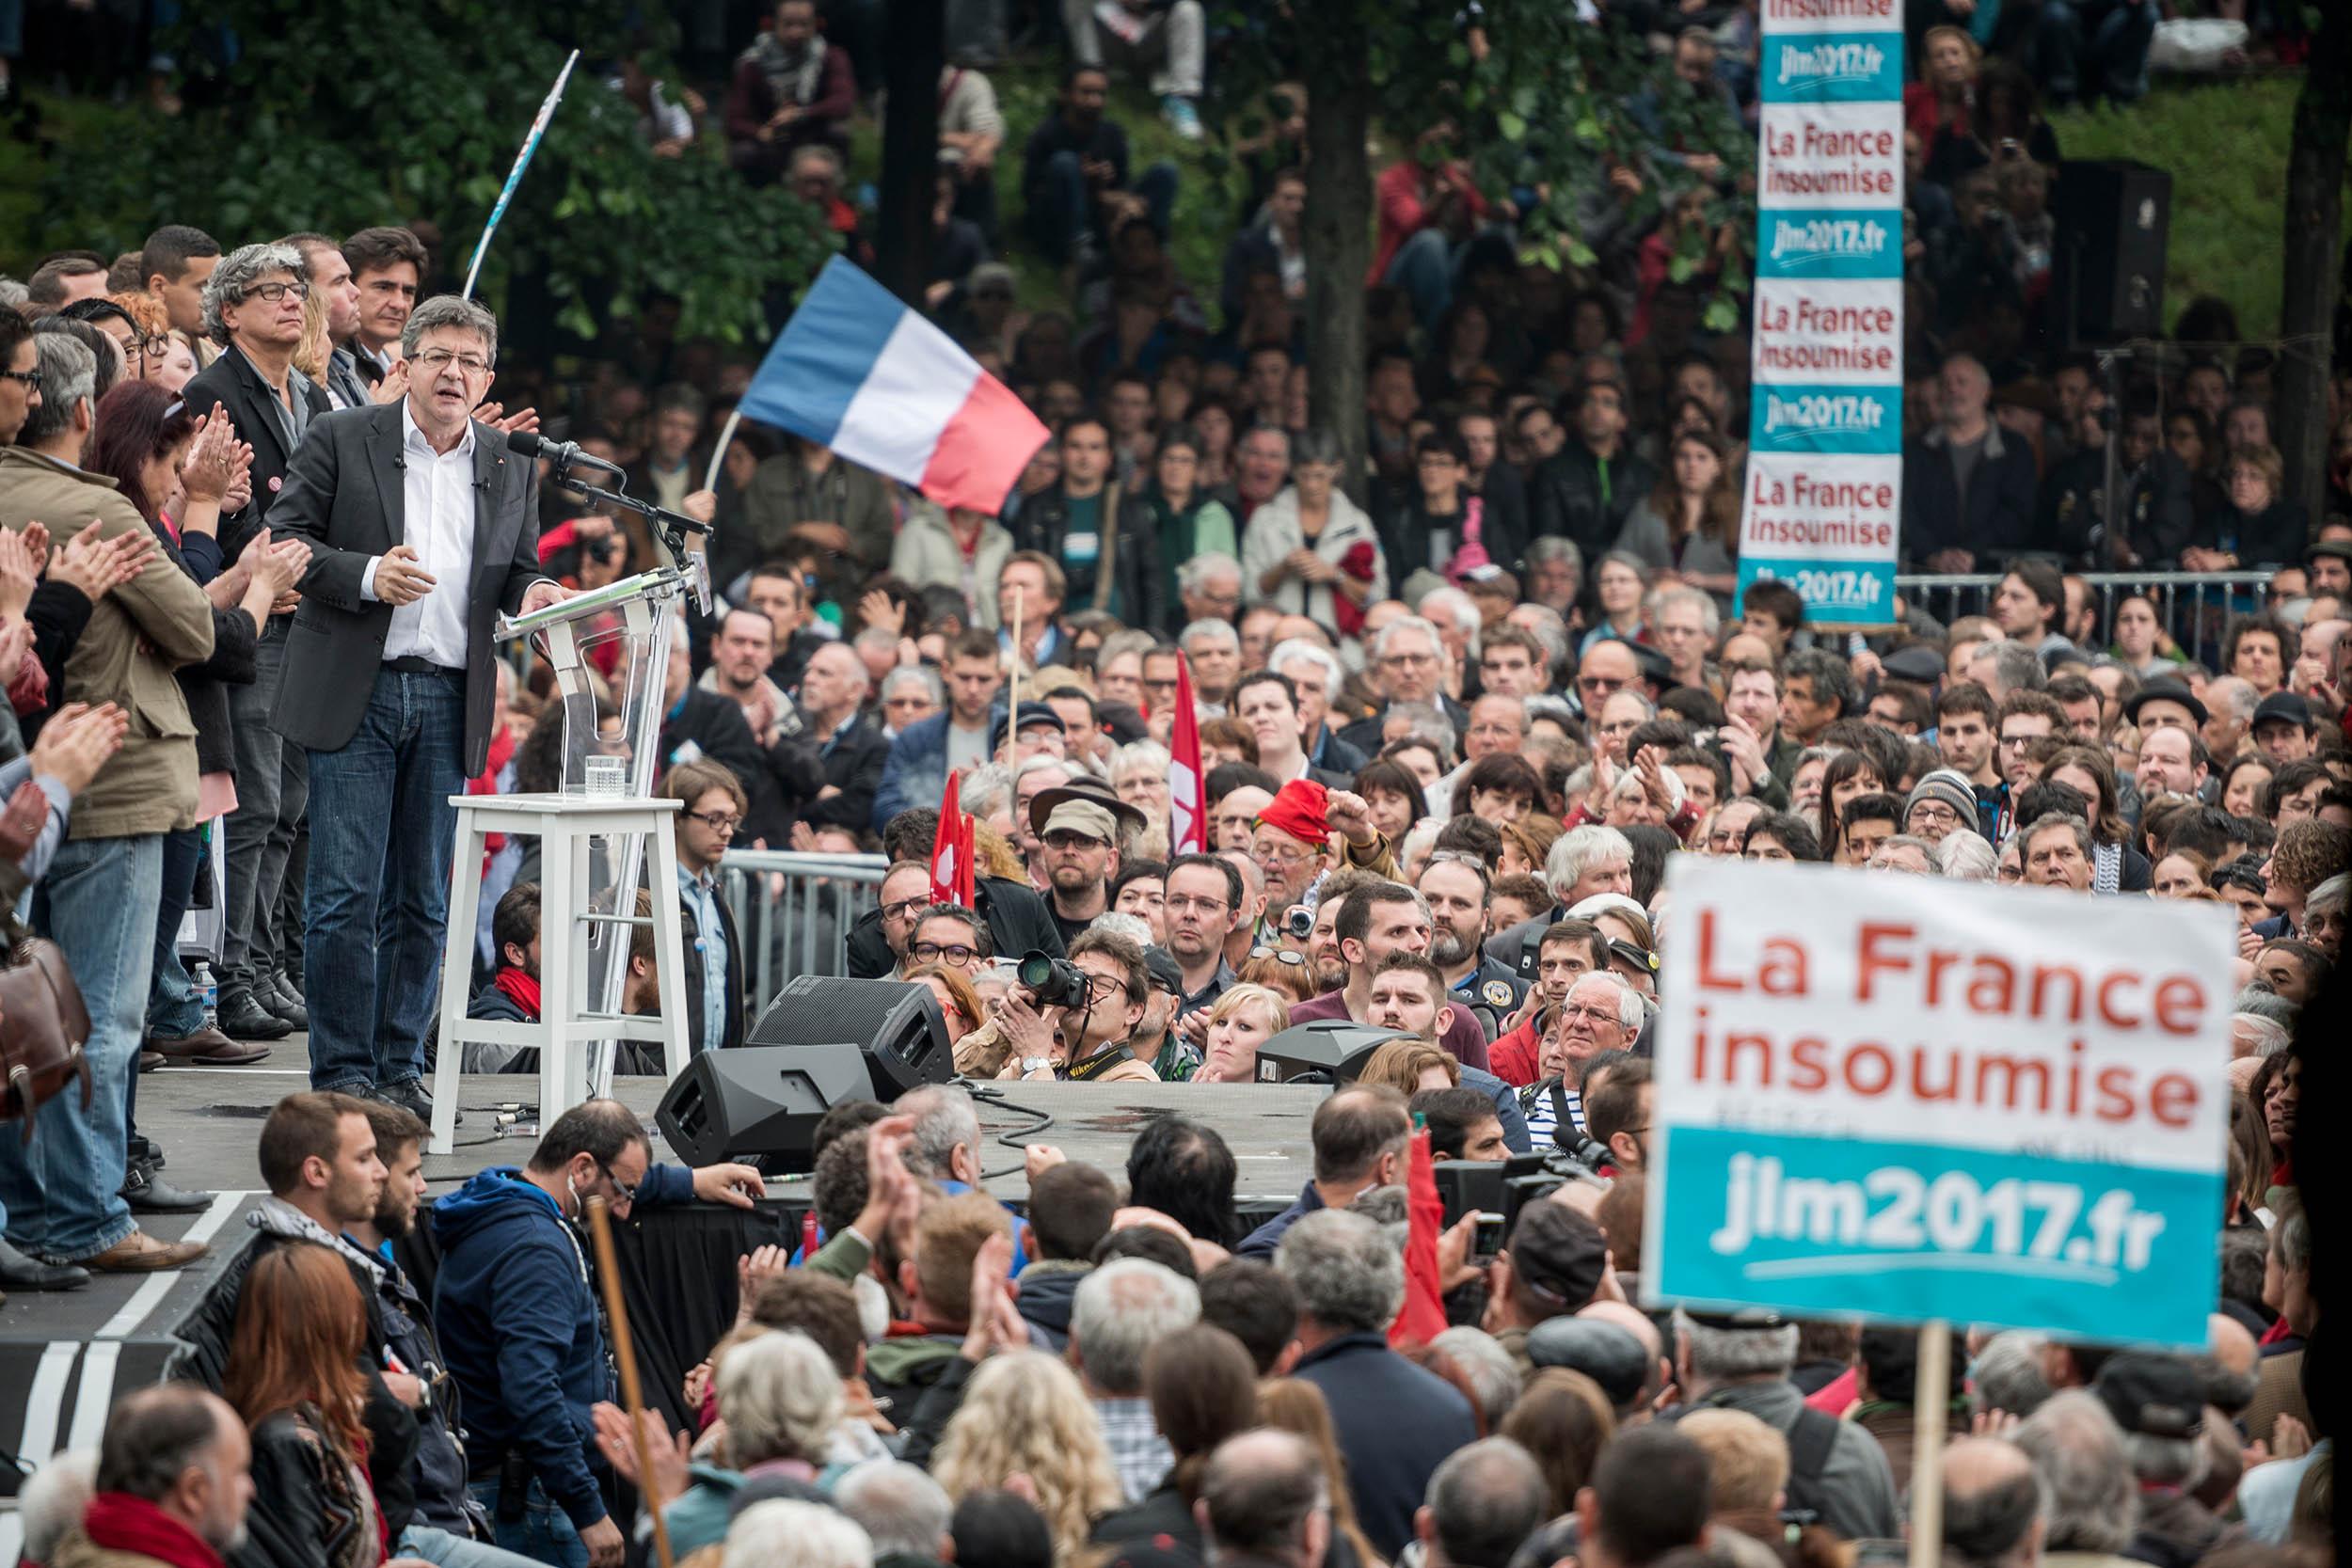 FranceInsoumise